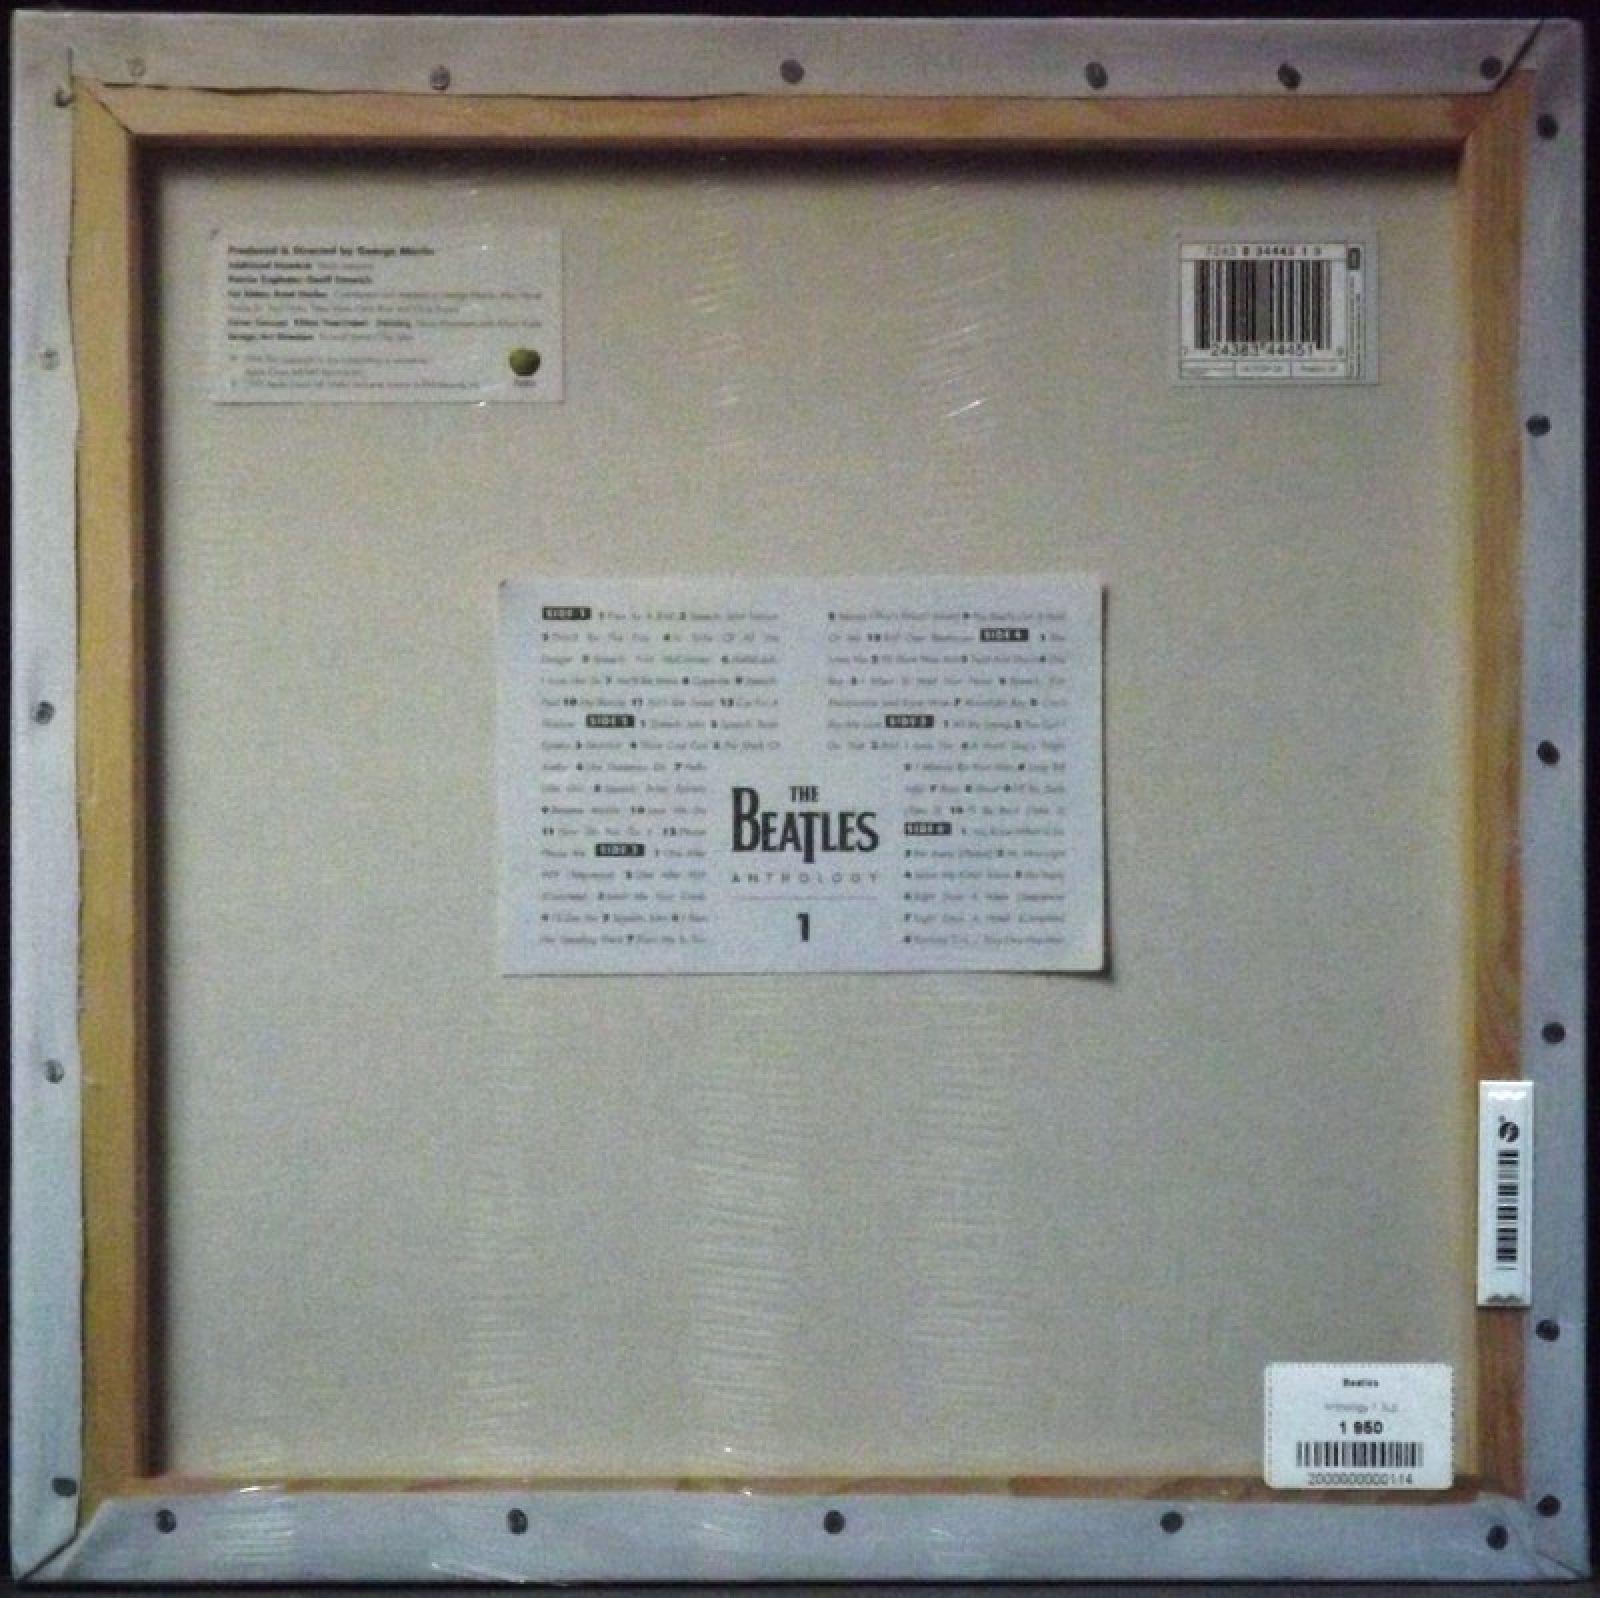 Купить lp Anthology 1 Beatles   Интернет-магазин пластинок и CD